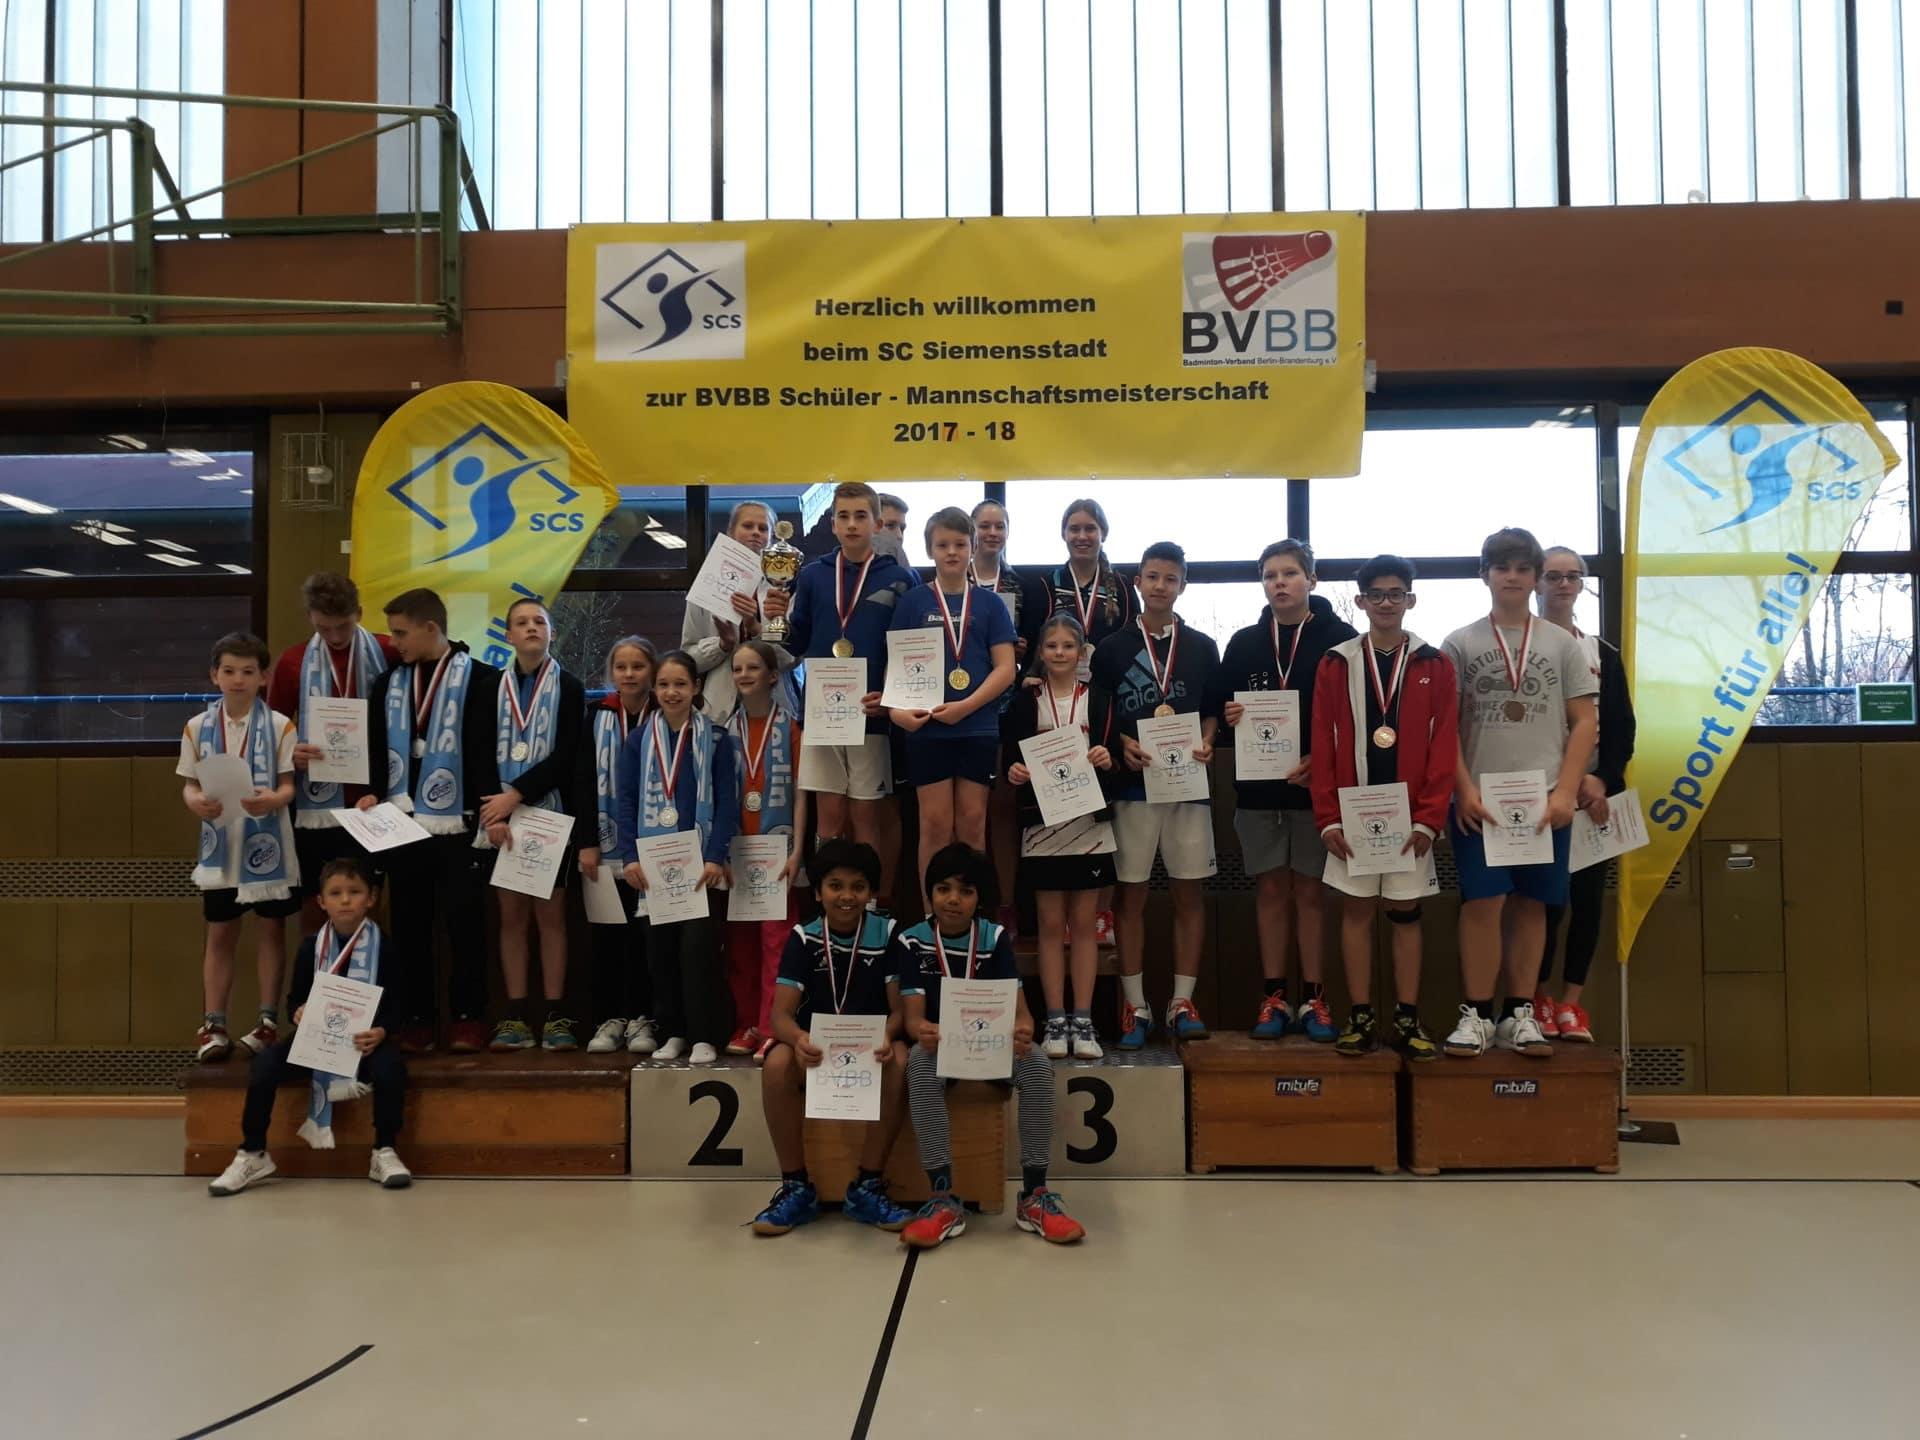 Foto der Siegerehrung der Schülermannschaften mit dem Siemensstadt